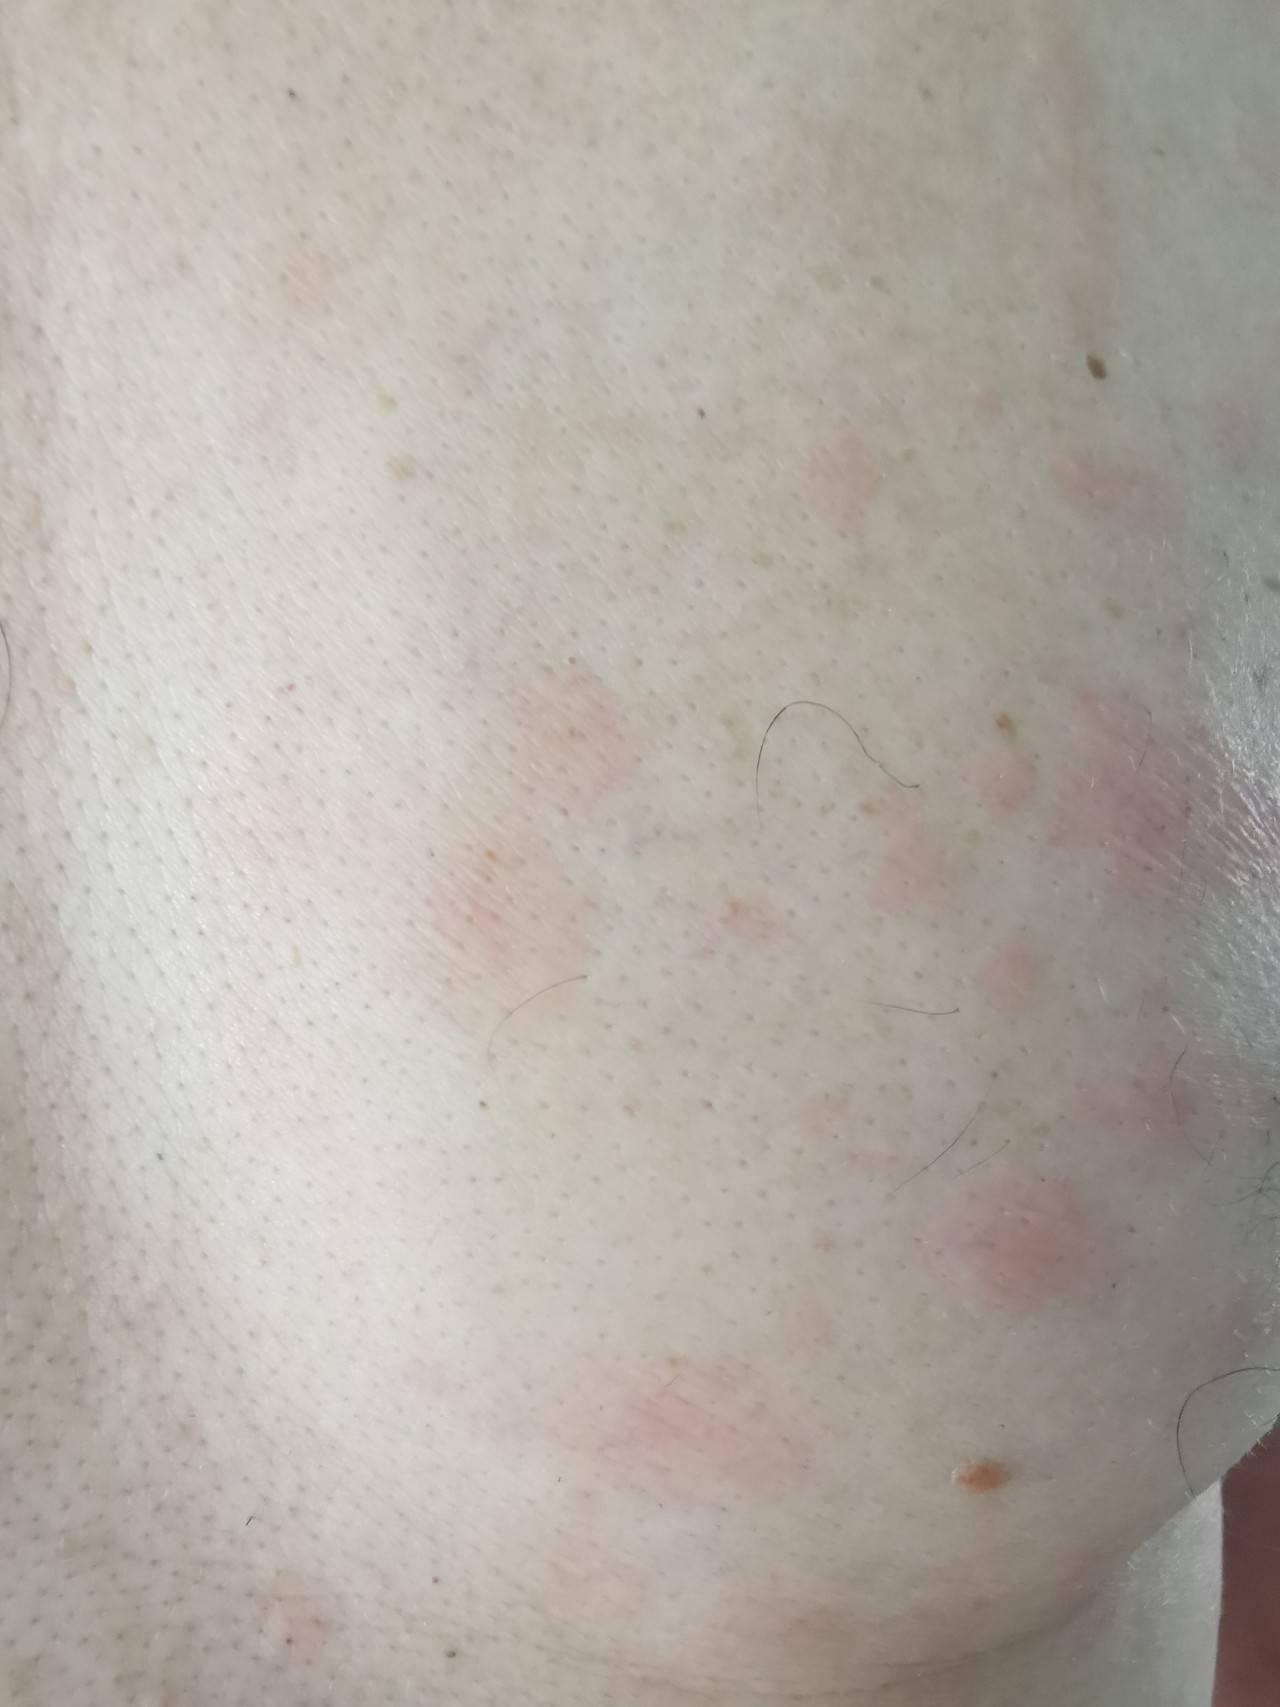 Как выглядят пигментные пятна на теле на фото и как их лечить?